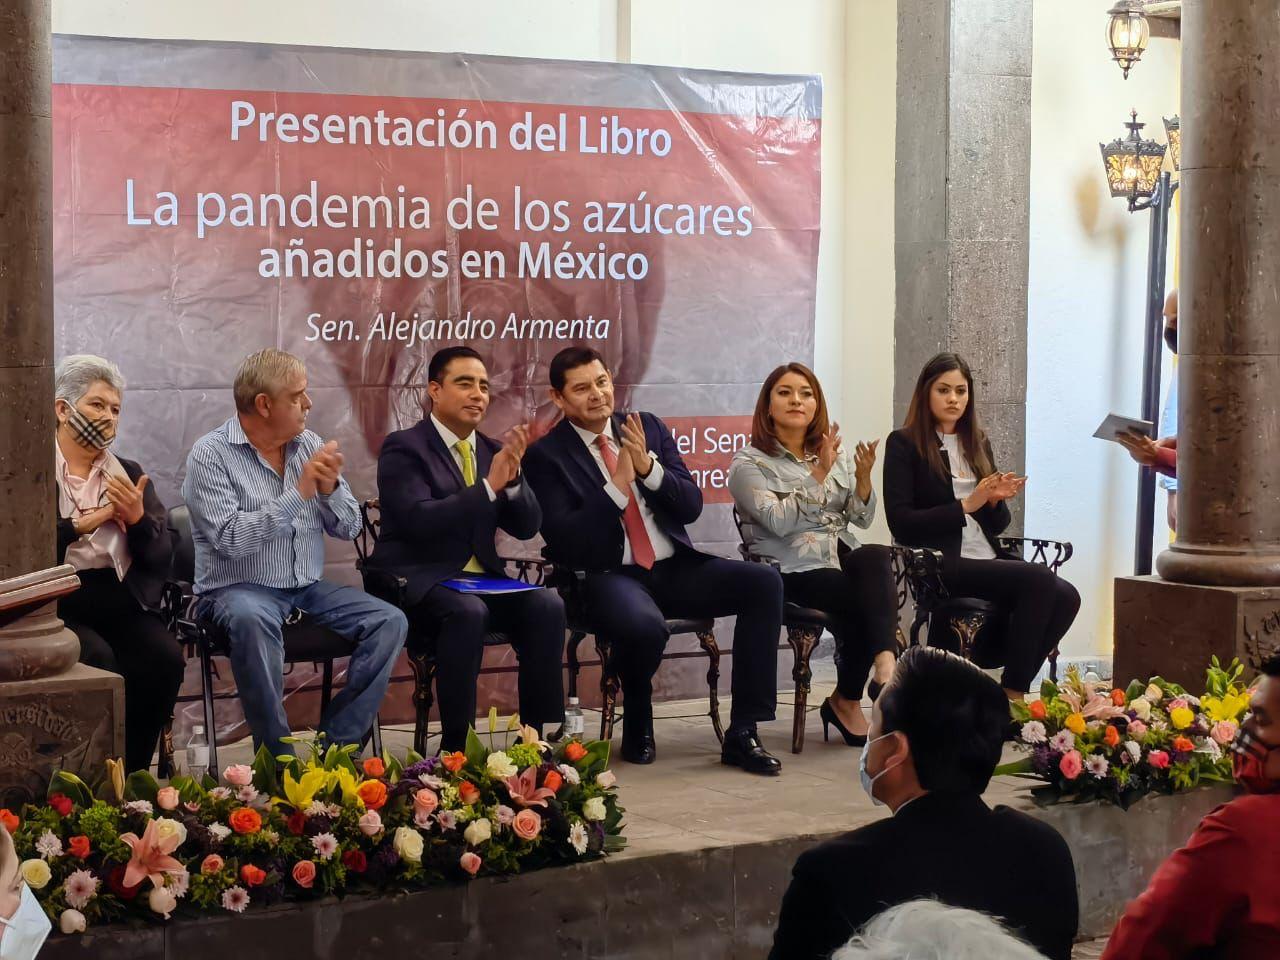 La pandemia mundial de la que no se habla es la de los azúcares añadidos: Alejandro Armenta